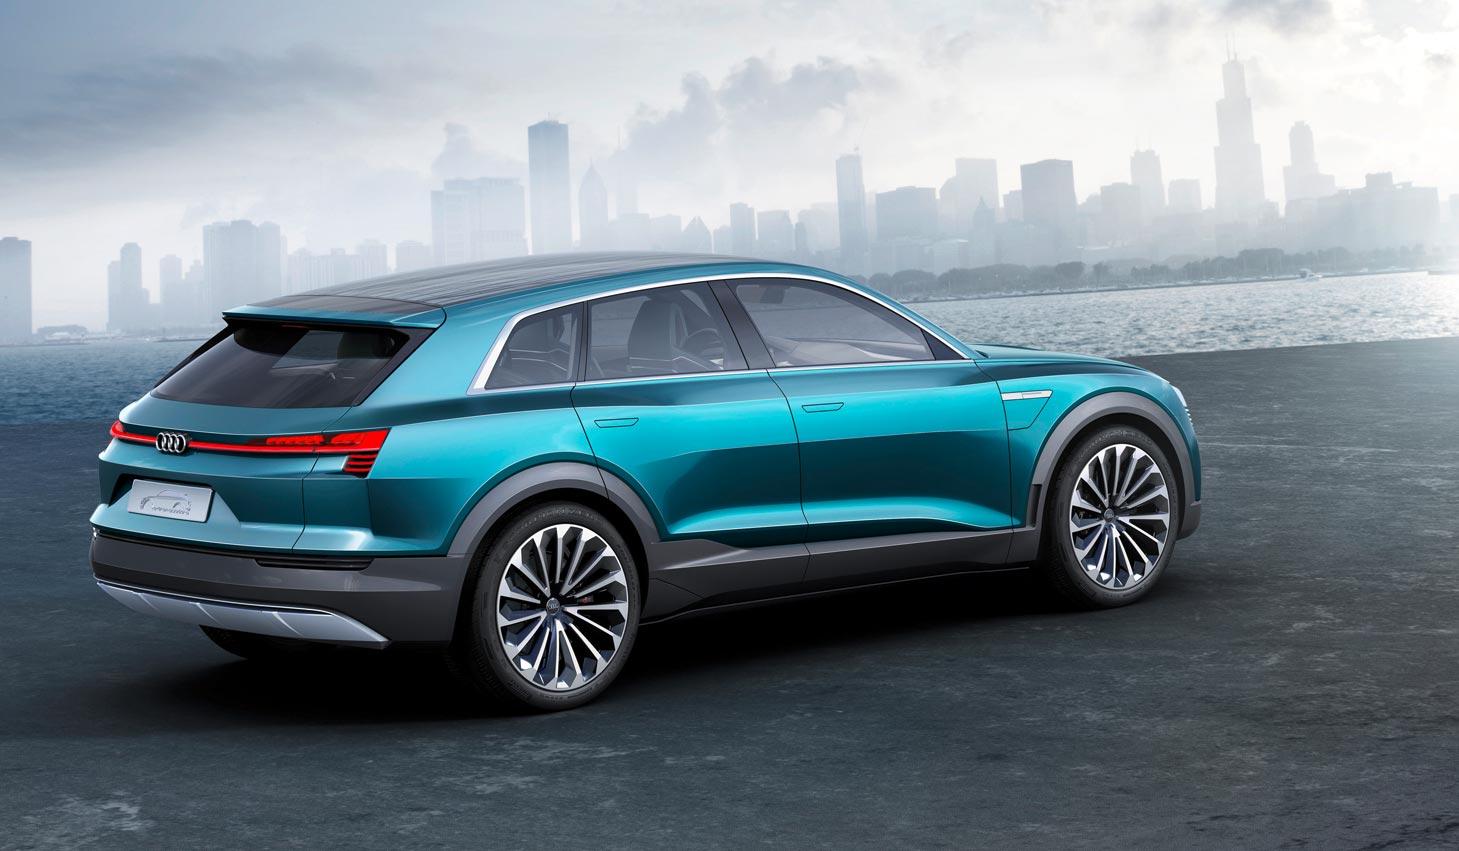 audi e tron quattro conceptul ce prefigureaz viitorul suv 100 electric auto testdrive. Black Bedroom Furniture Sets. Home Design Ideas